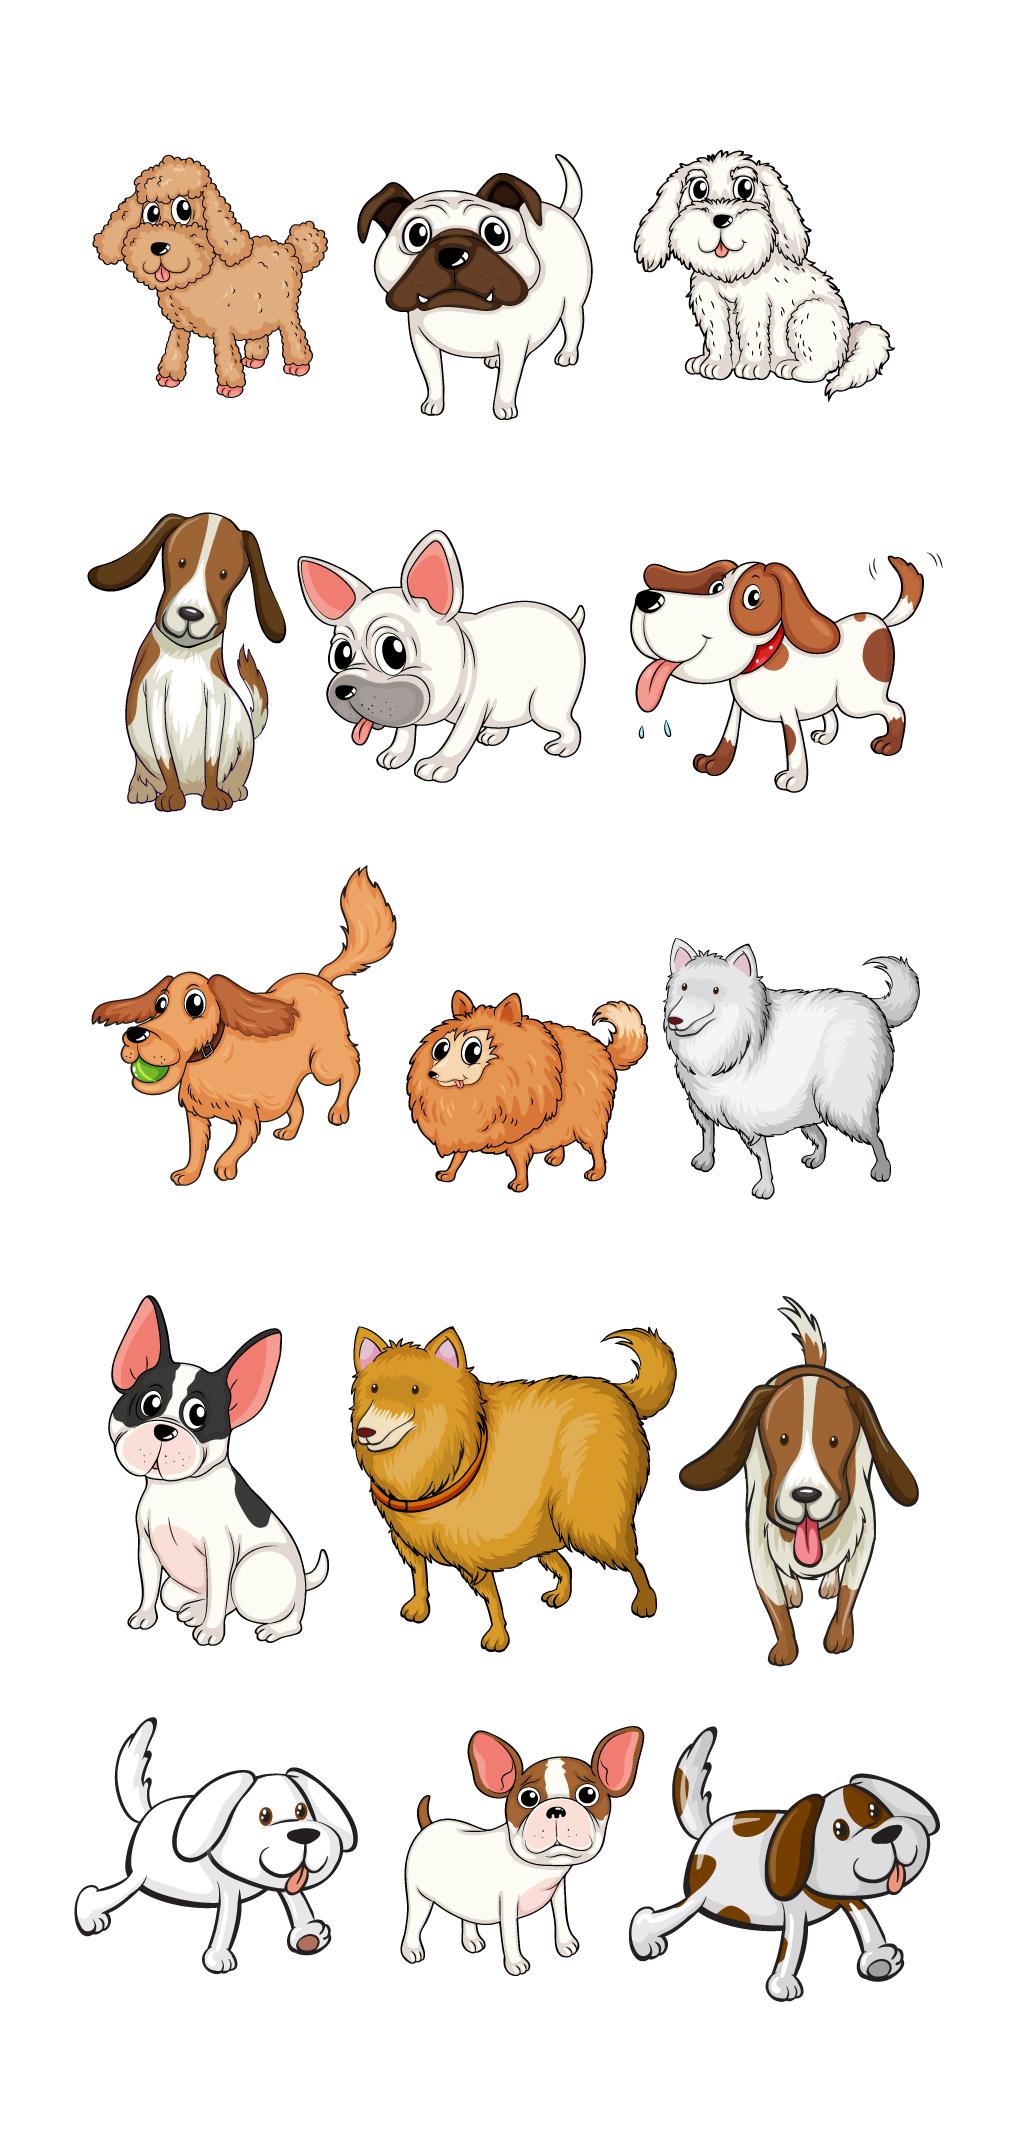 可爱生肖创意插画手绘小狗元素卡通狗图片素材_可爱.